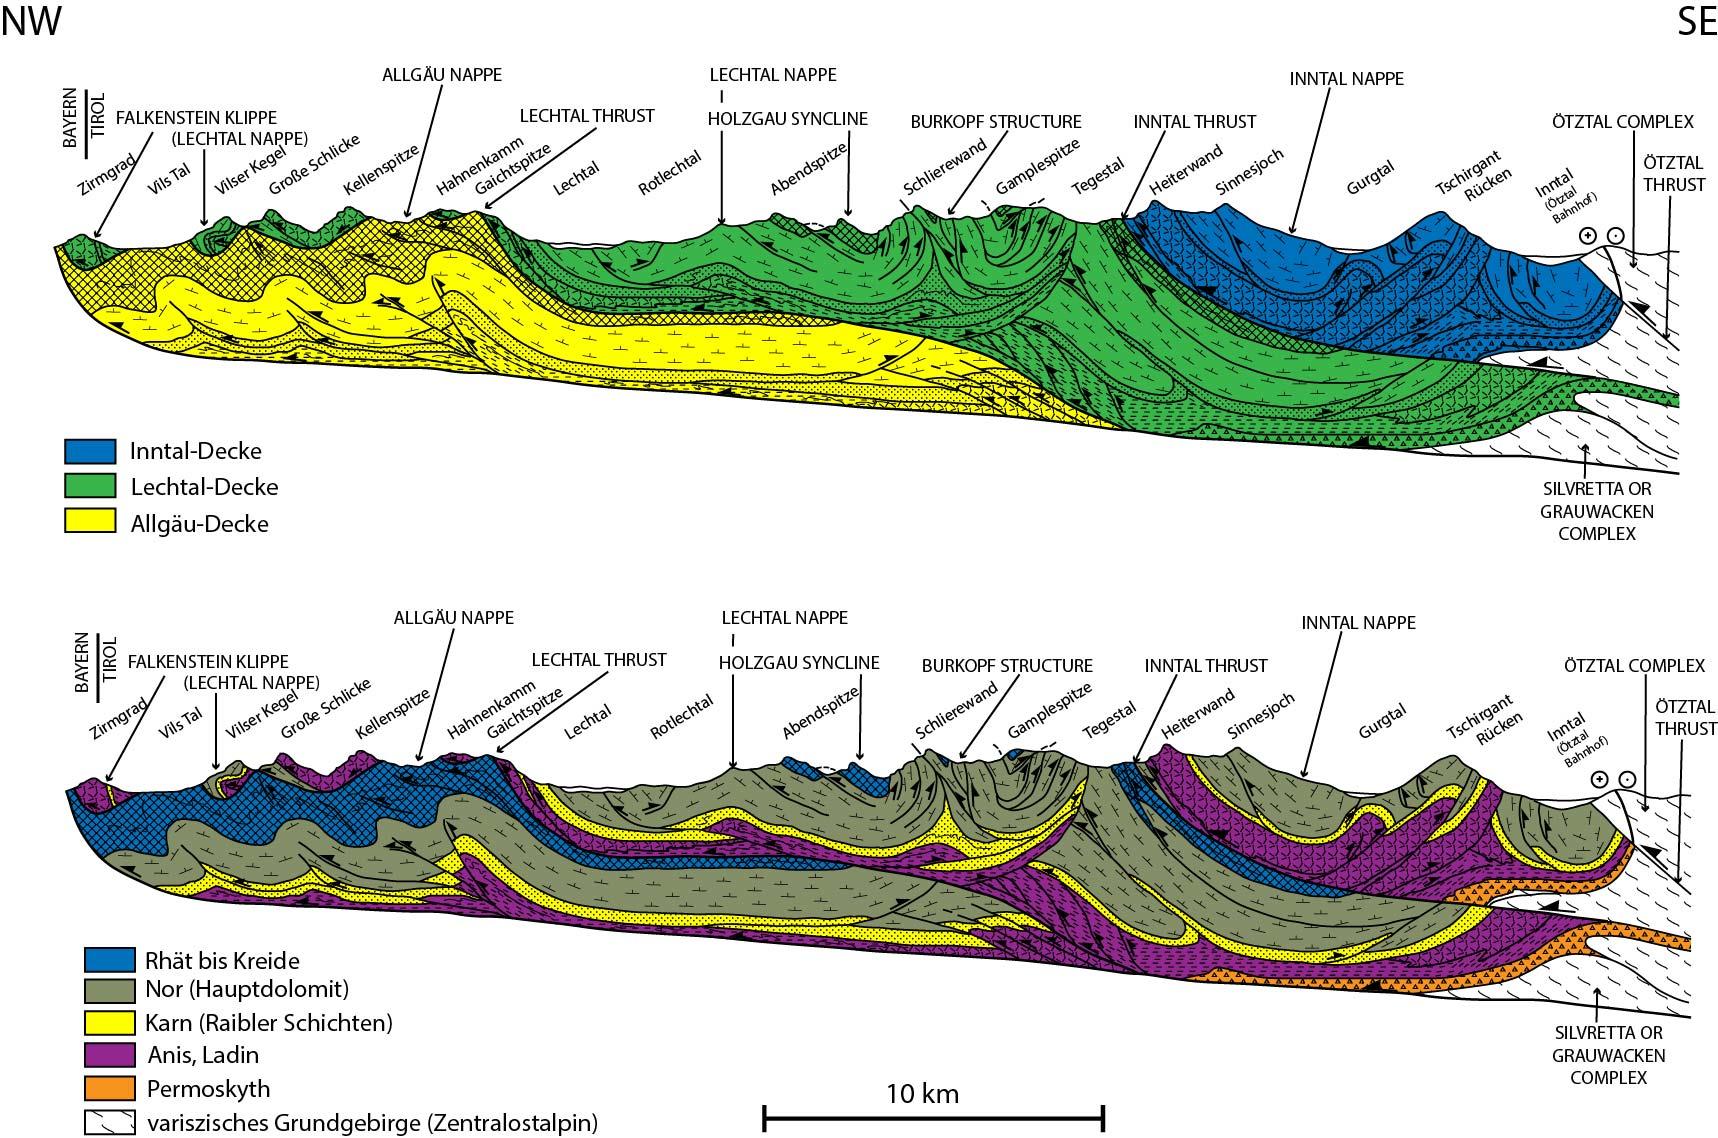 Wie wird die geologische Spalte in der relativen Datierung verwendet?